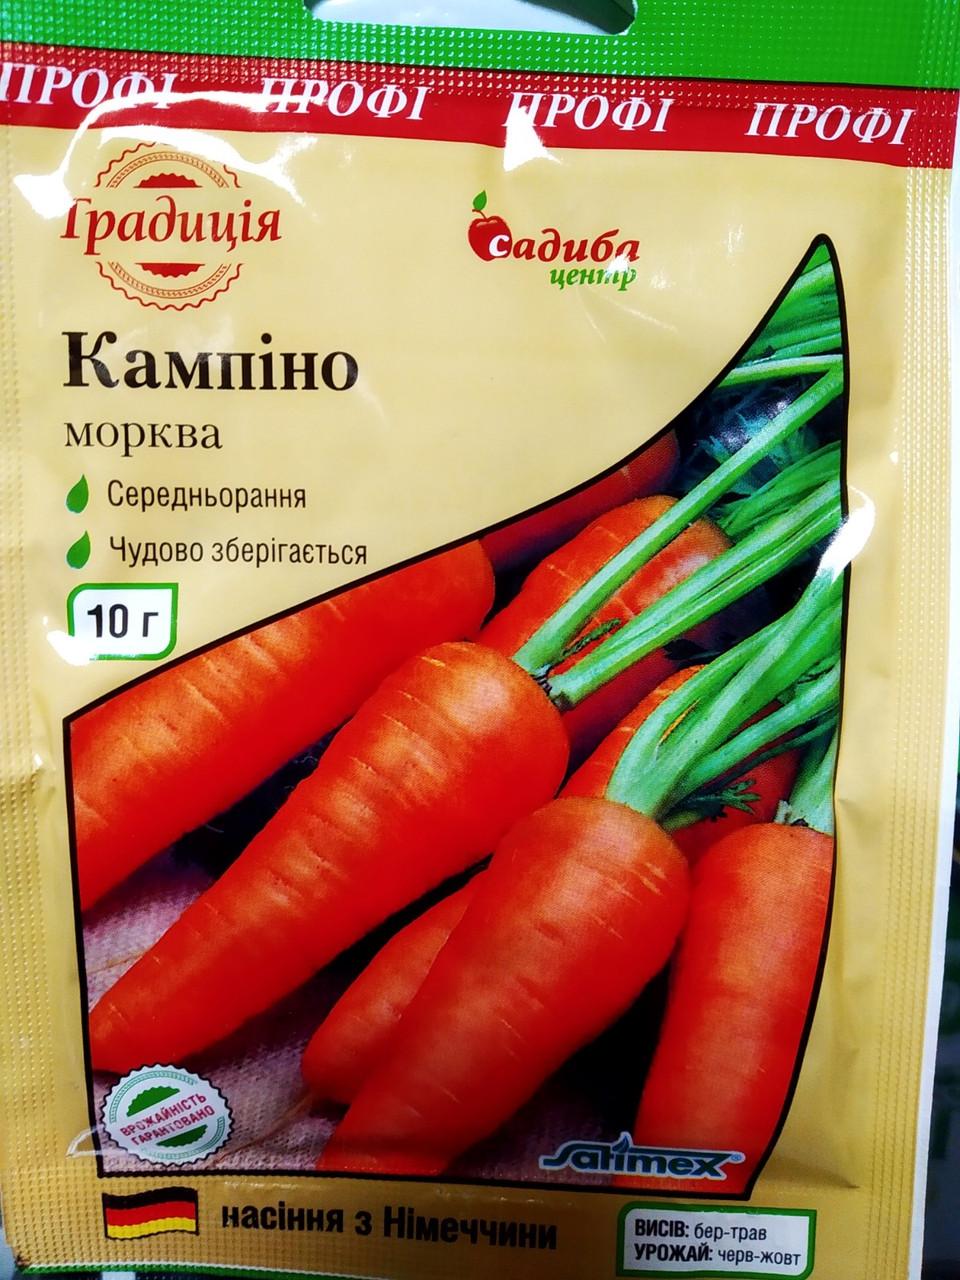 """Насіння Морква Кампино середньорання насіння 10 грам для зберігання, """"Satimex"""", Німеччина"""